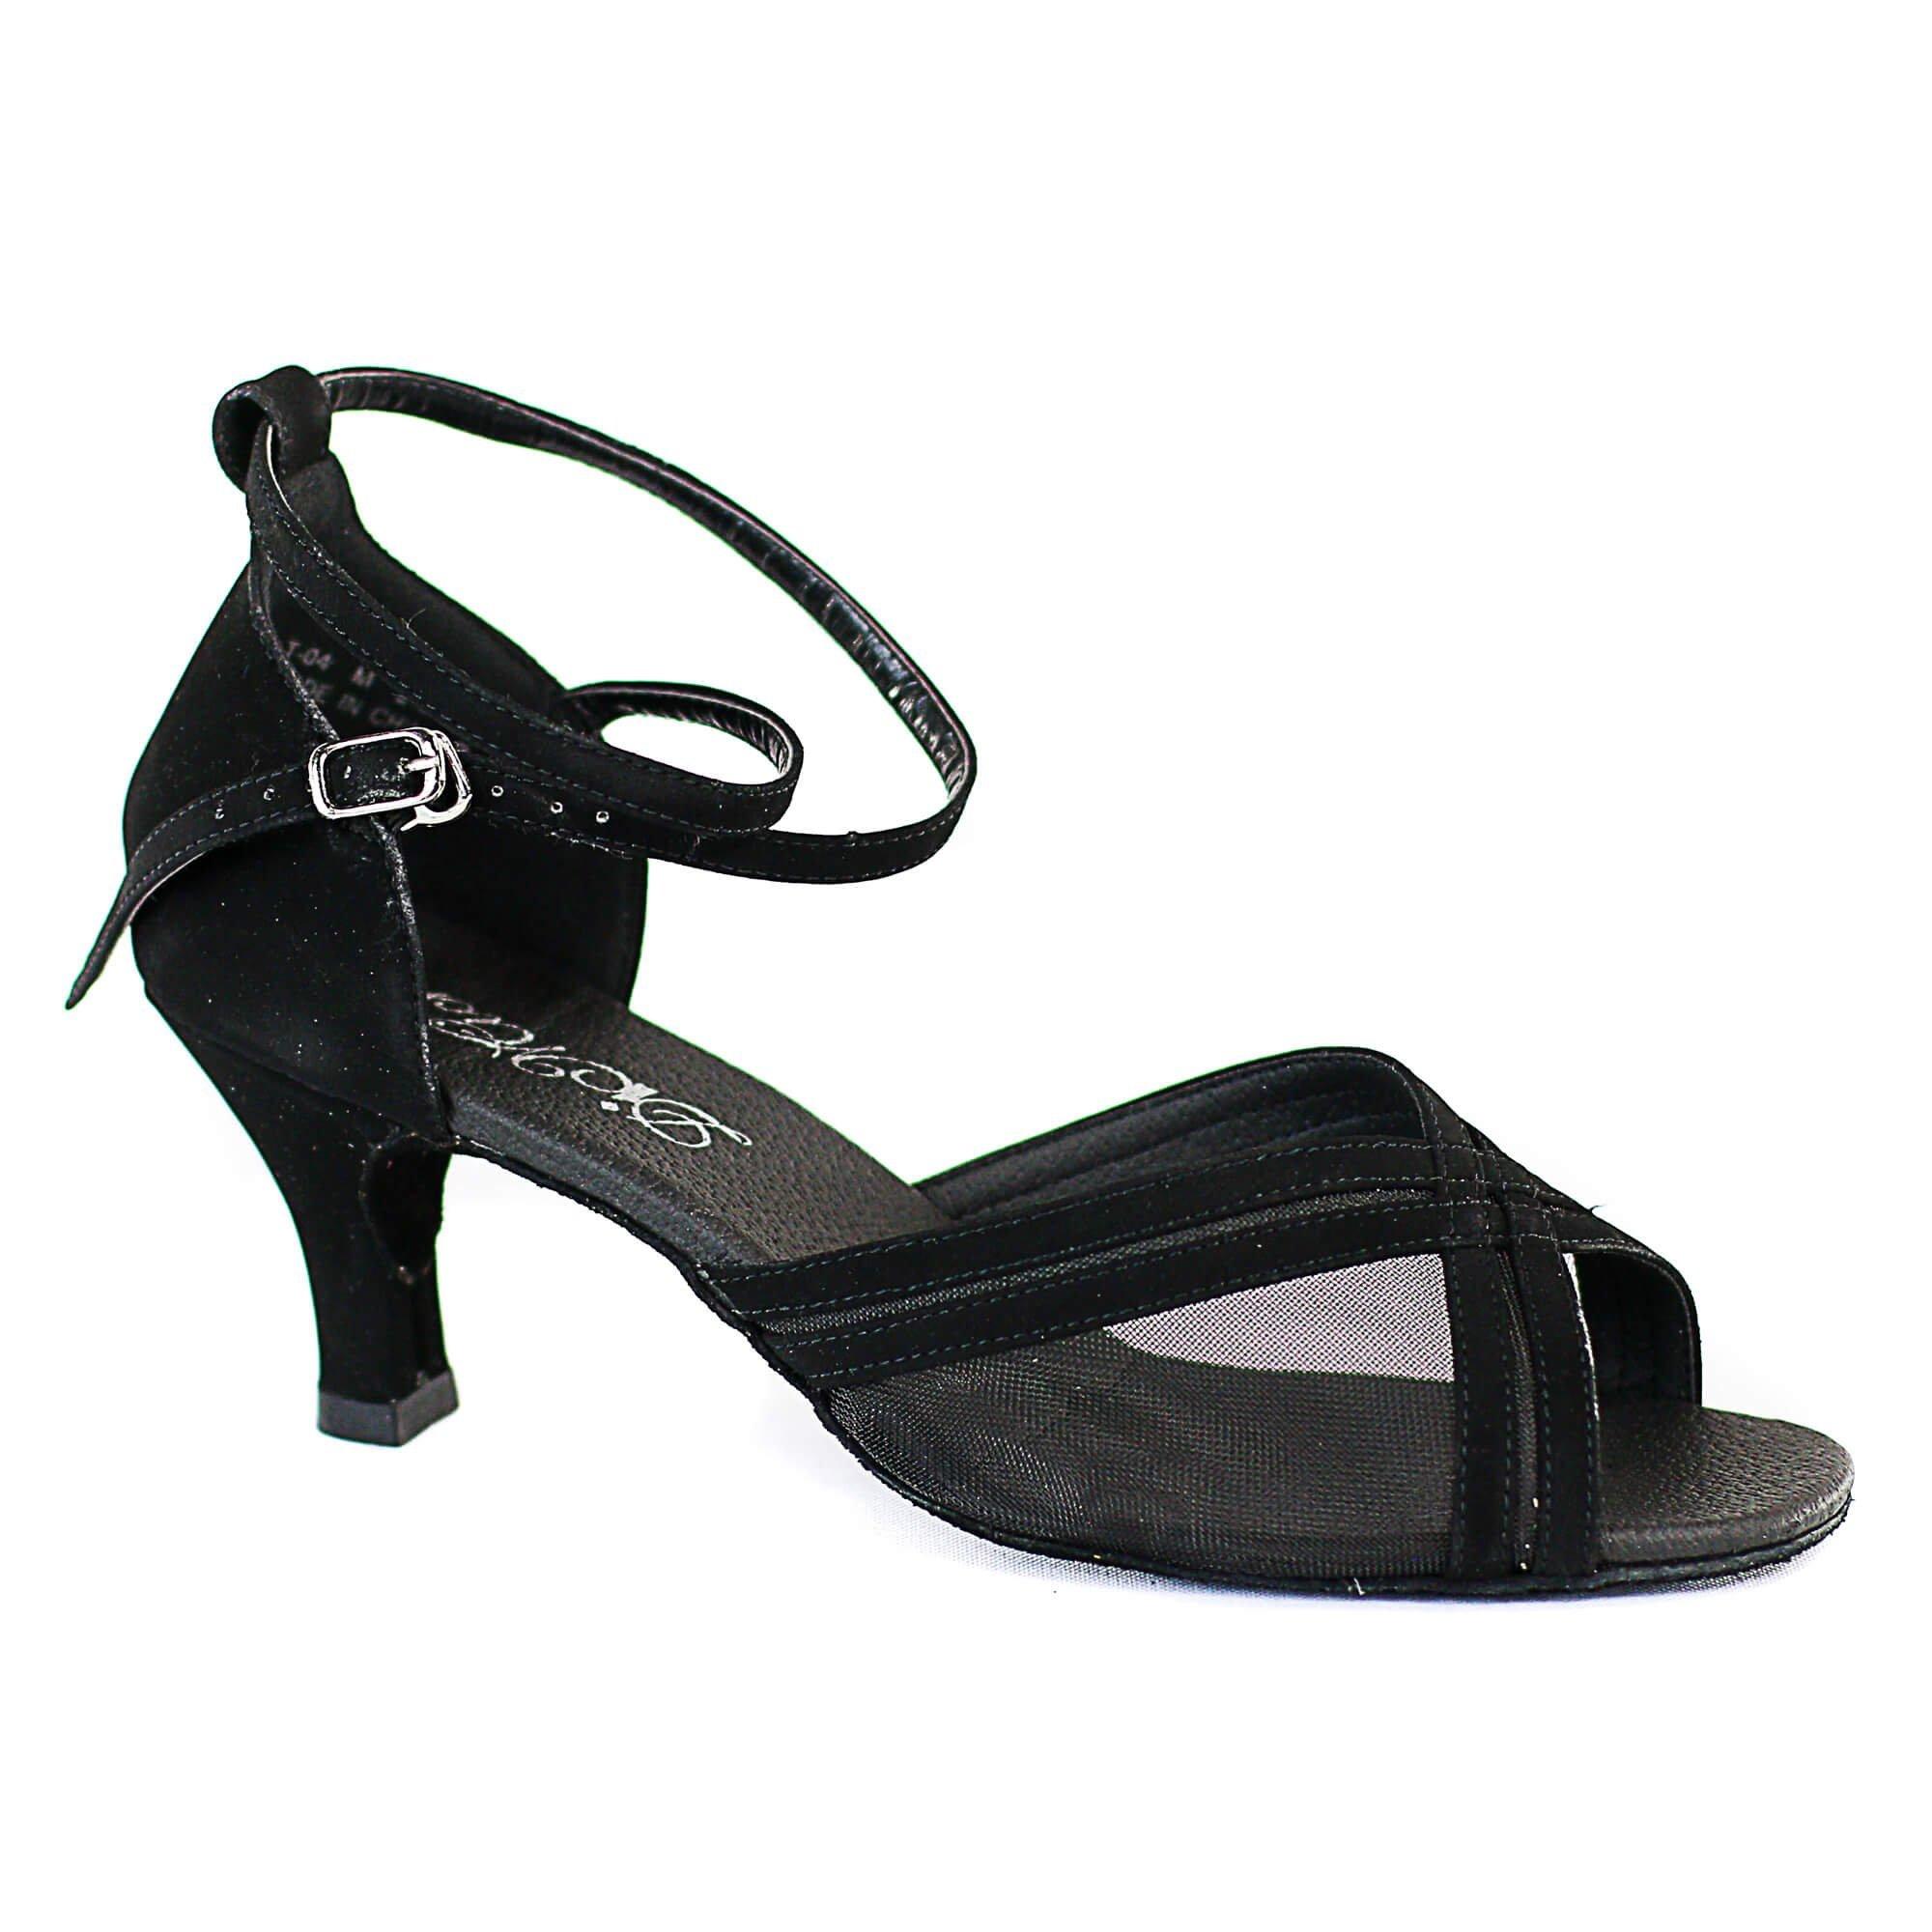 Dimichi Marissa Suede Sole Heel 3 Ballroom Shoes